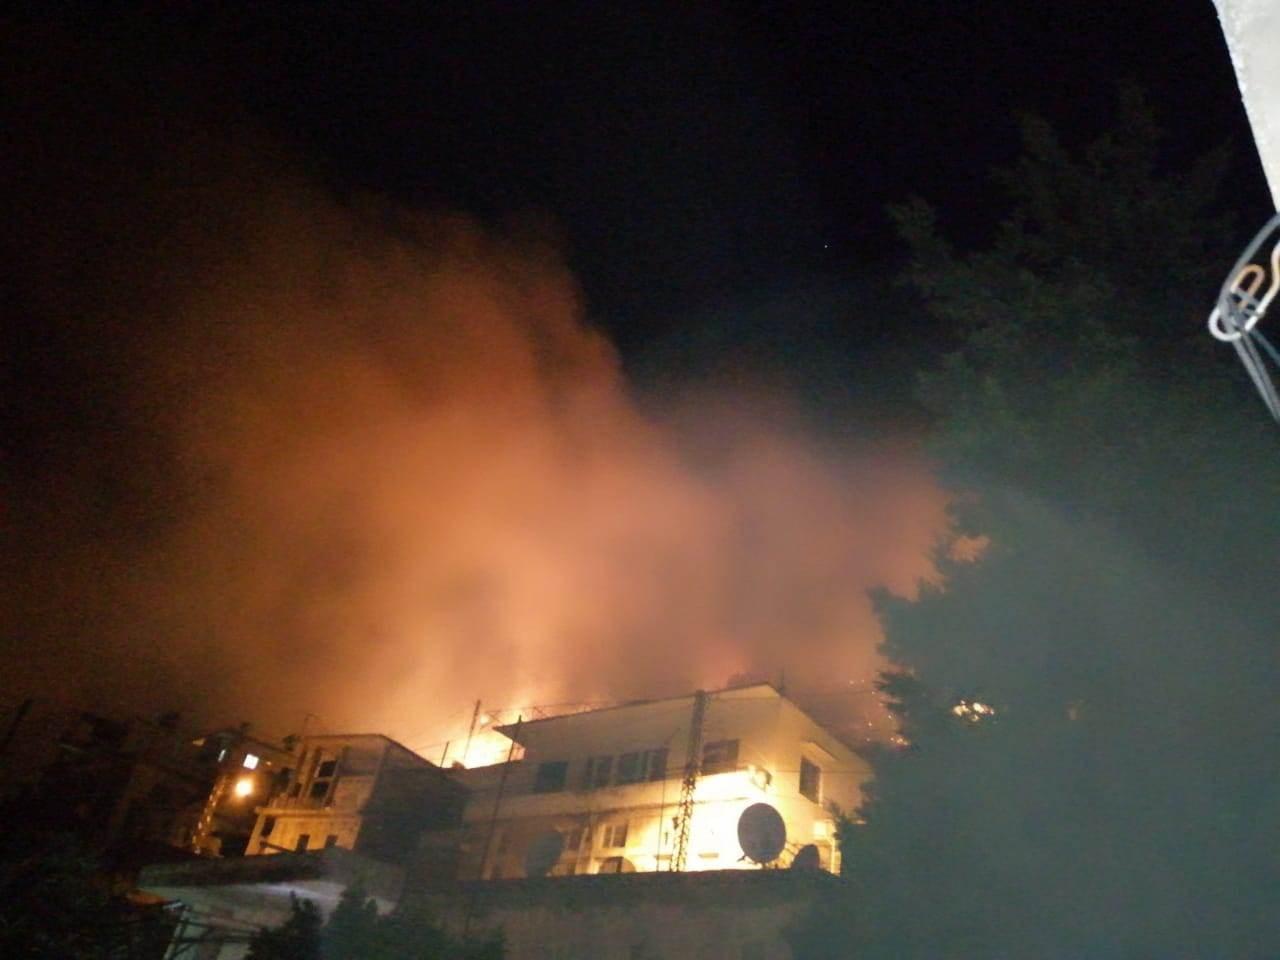 ألسنة اللهب طالت العديد من المنازل على أطراف البلدة من جهة جبل مشغرة. (مواقع التواصل الاجتماعي)